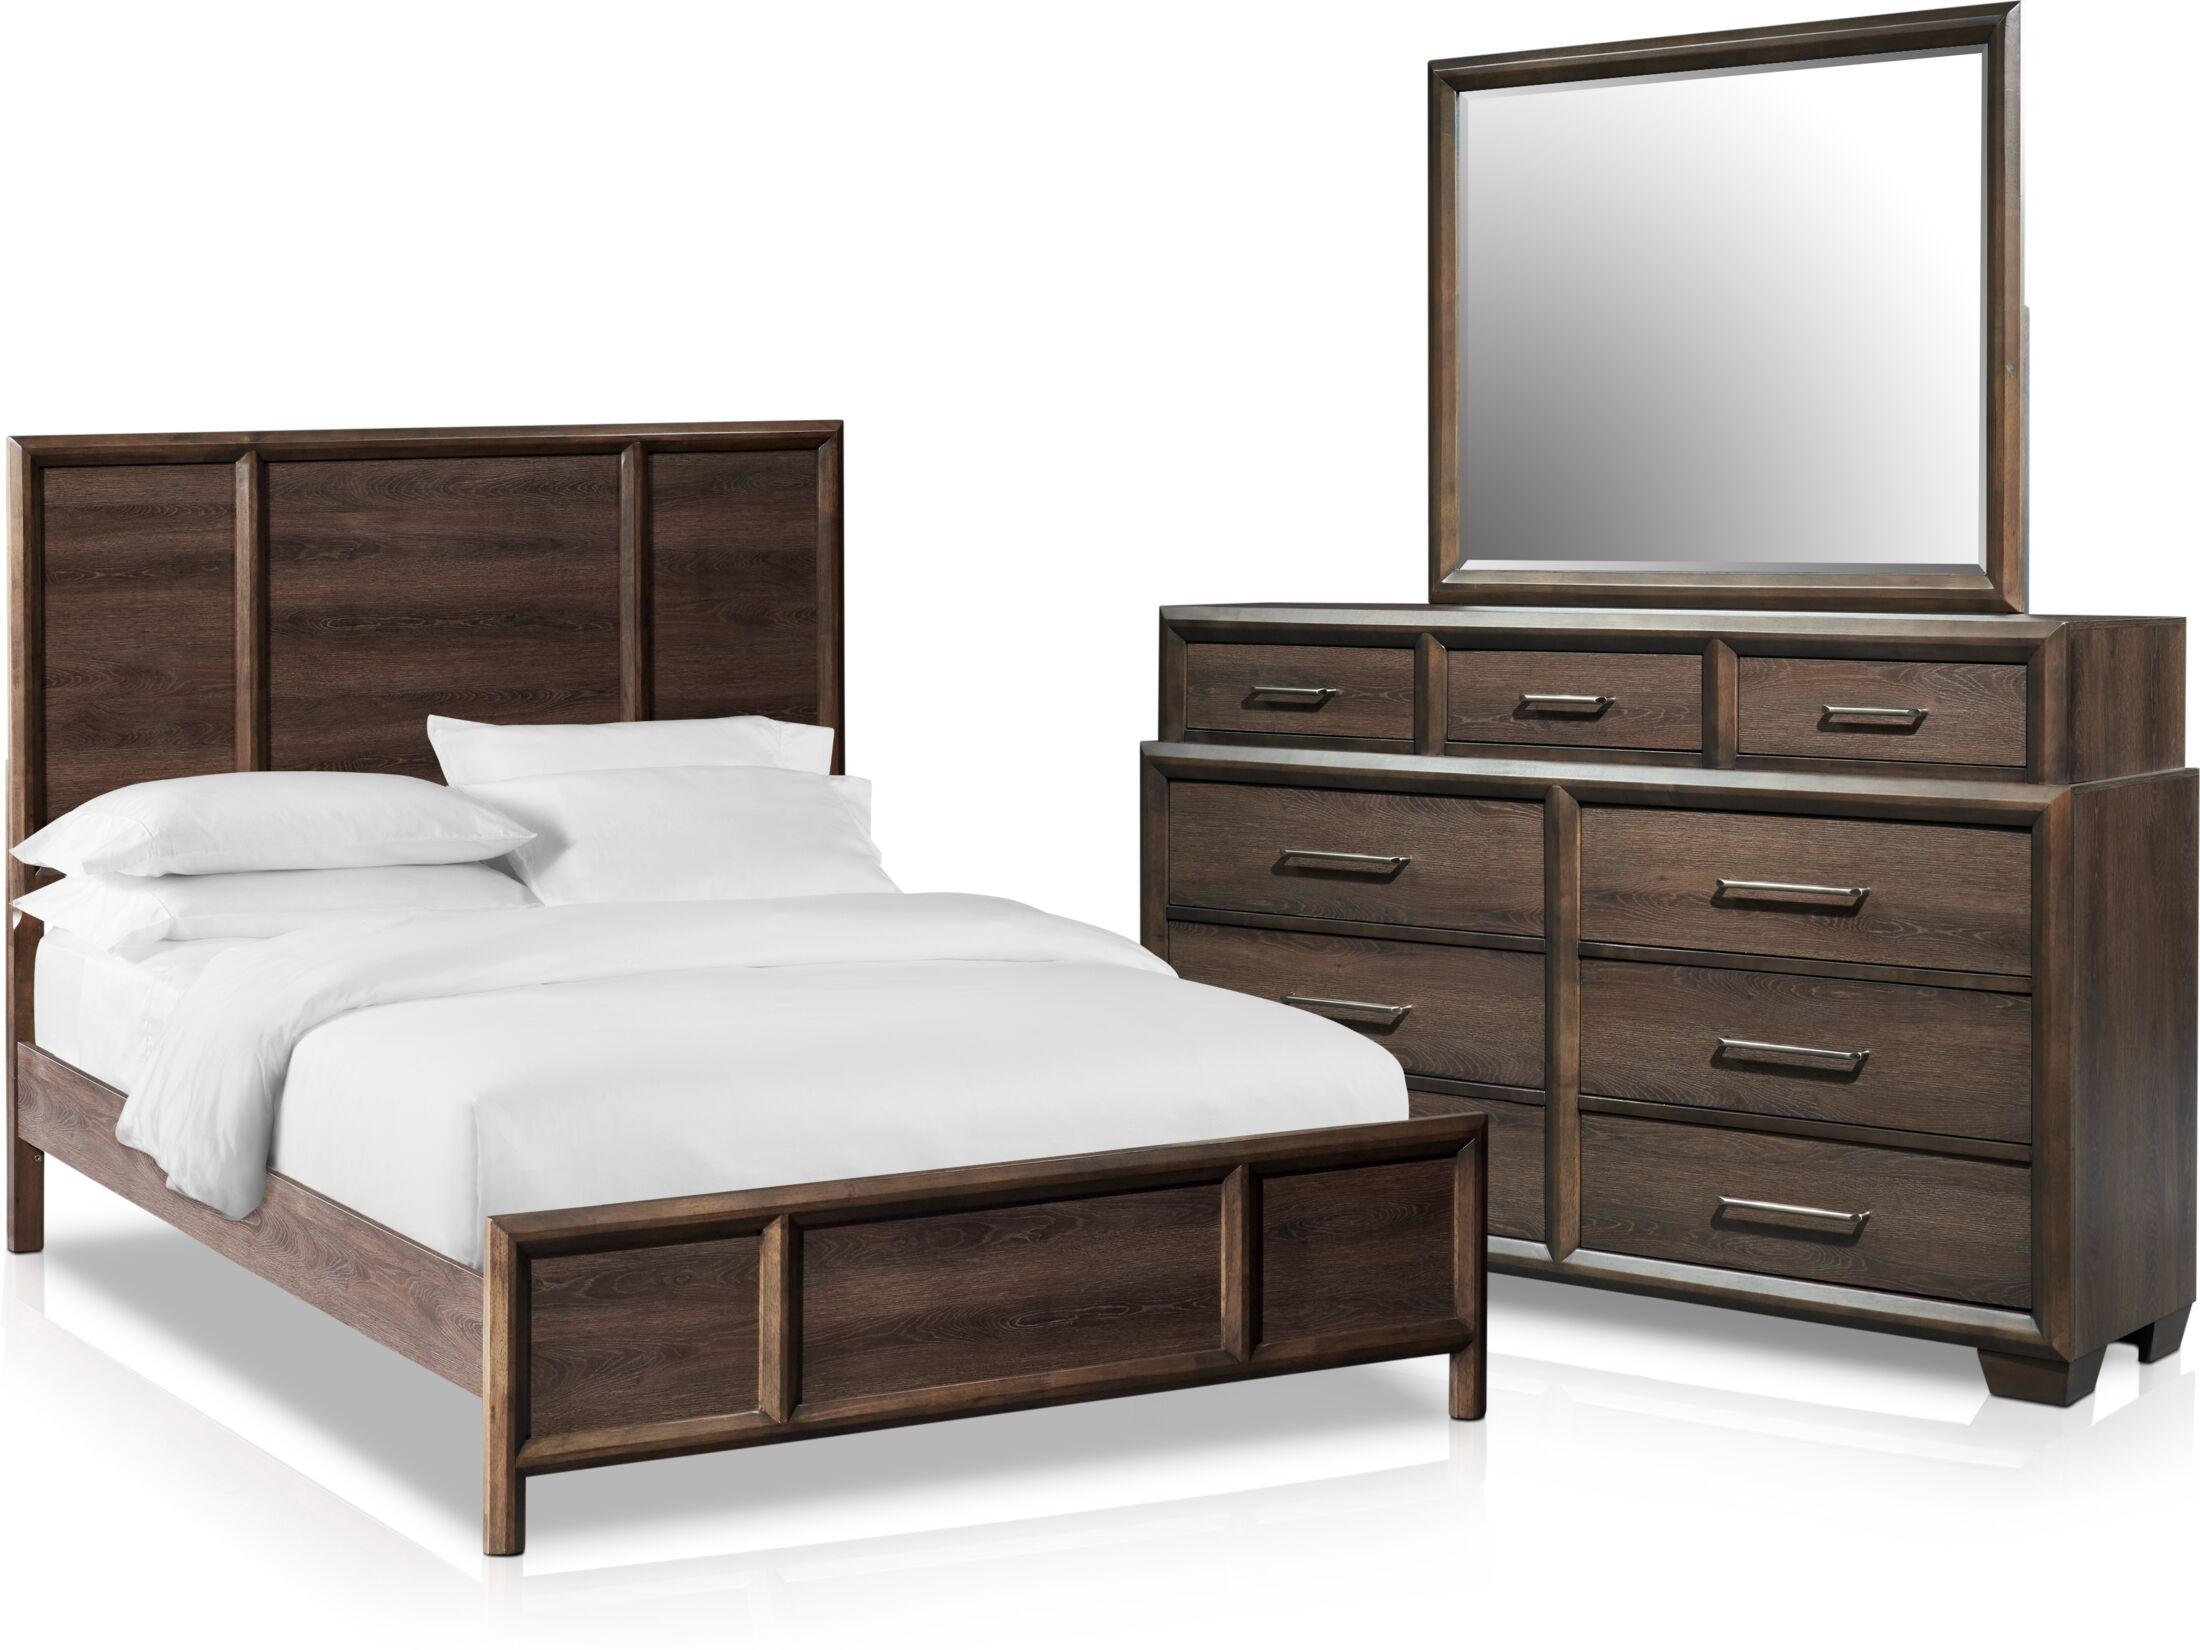 Bedroom Furniture - Dakota 5-Piece Bedroom Set with Dresser and Mirror